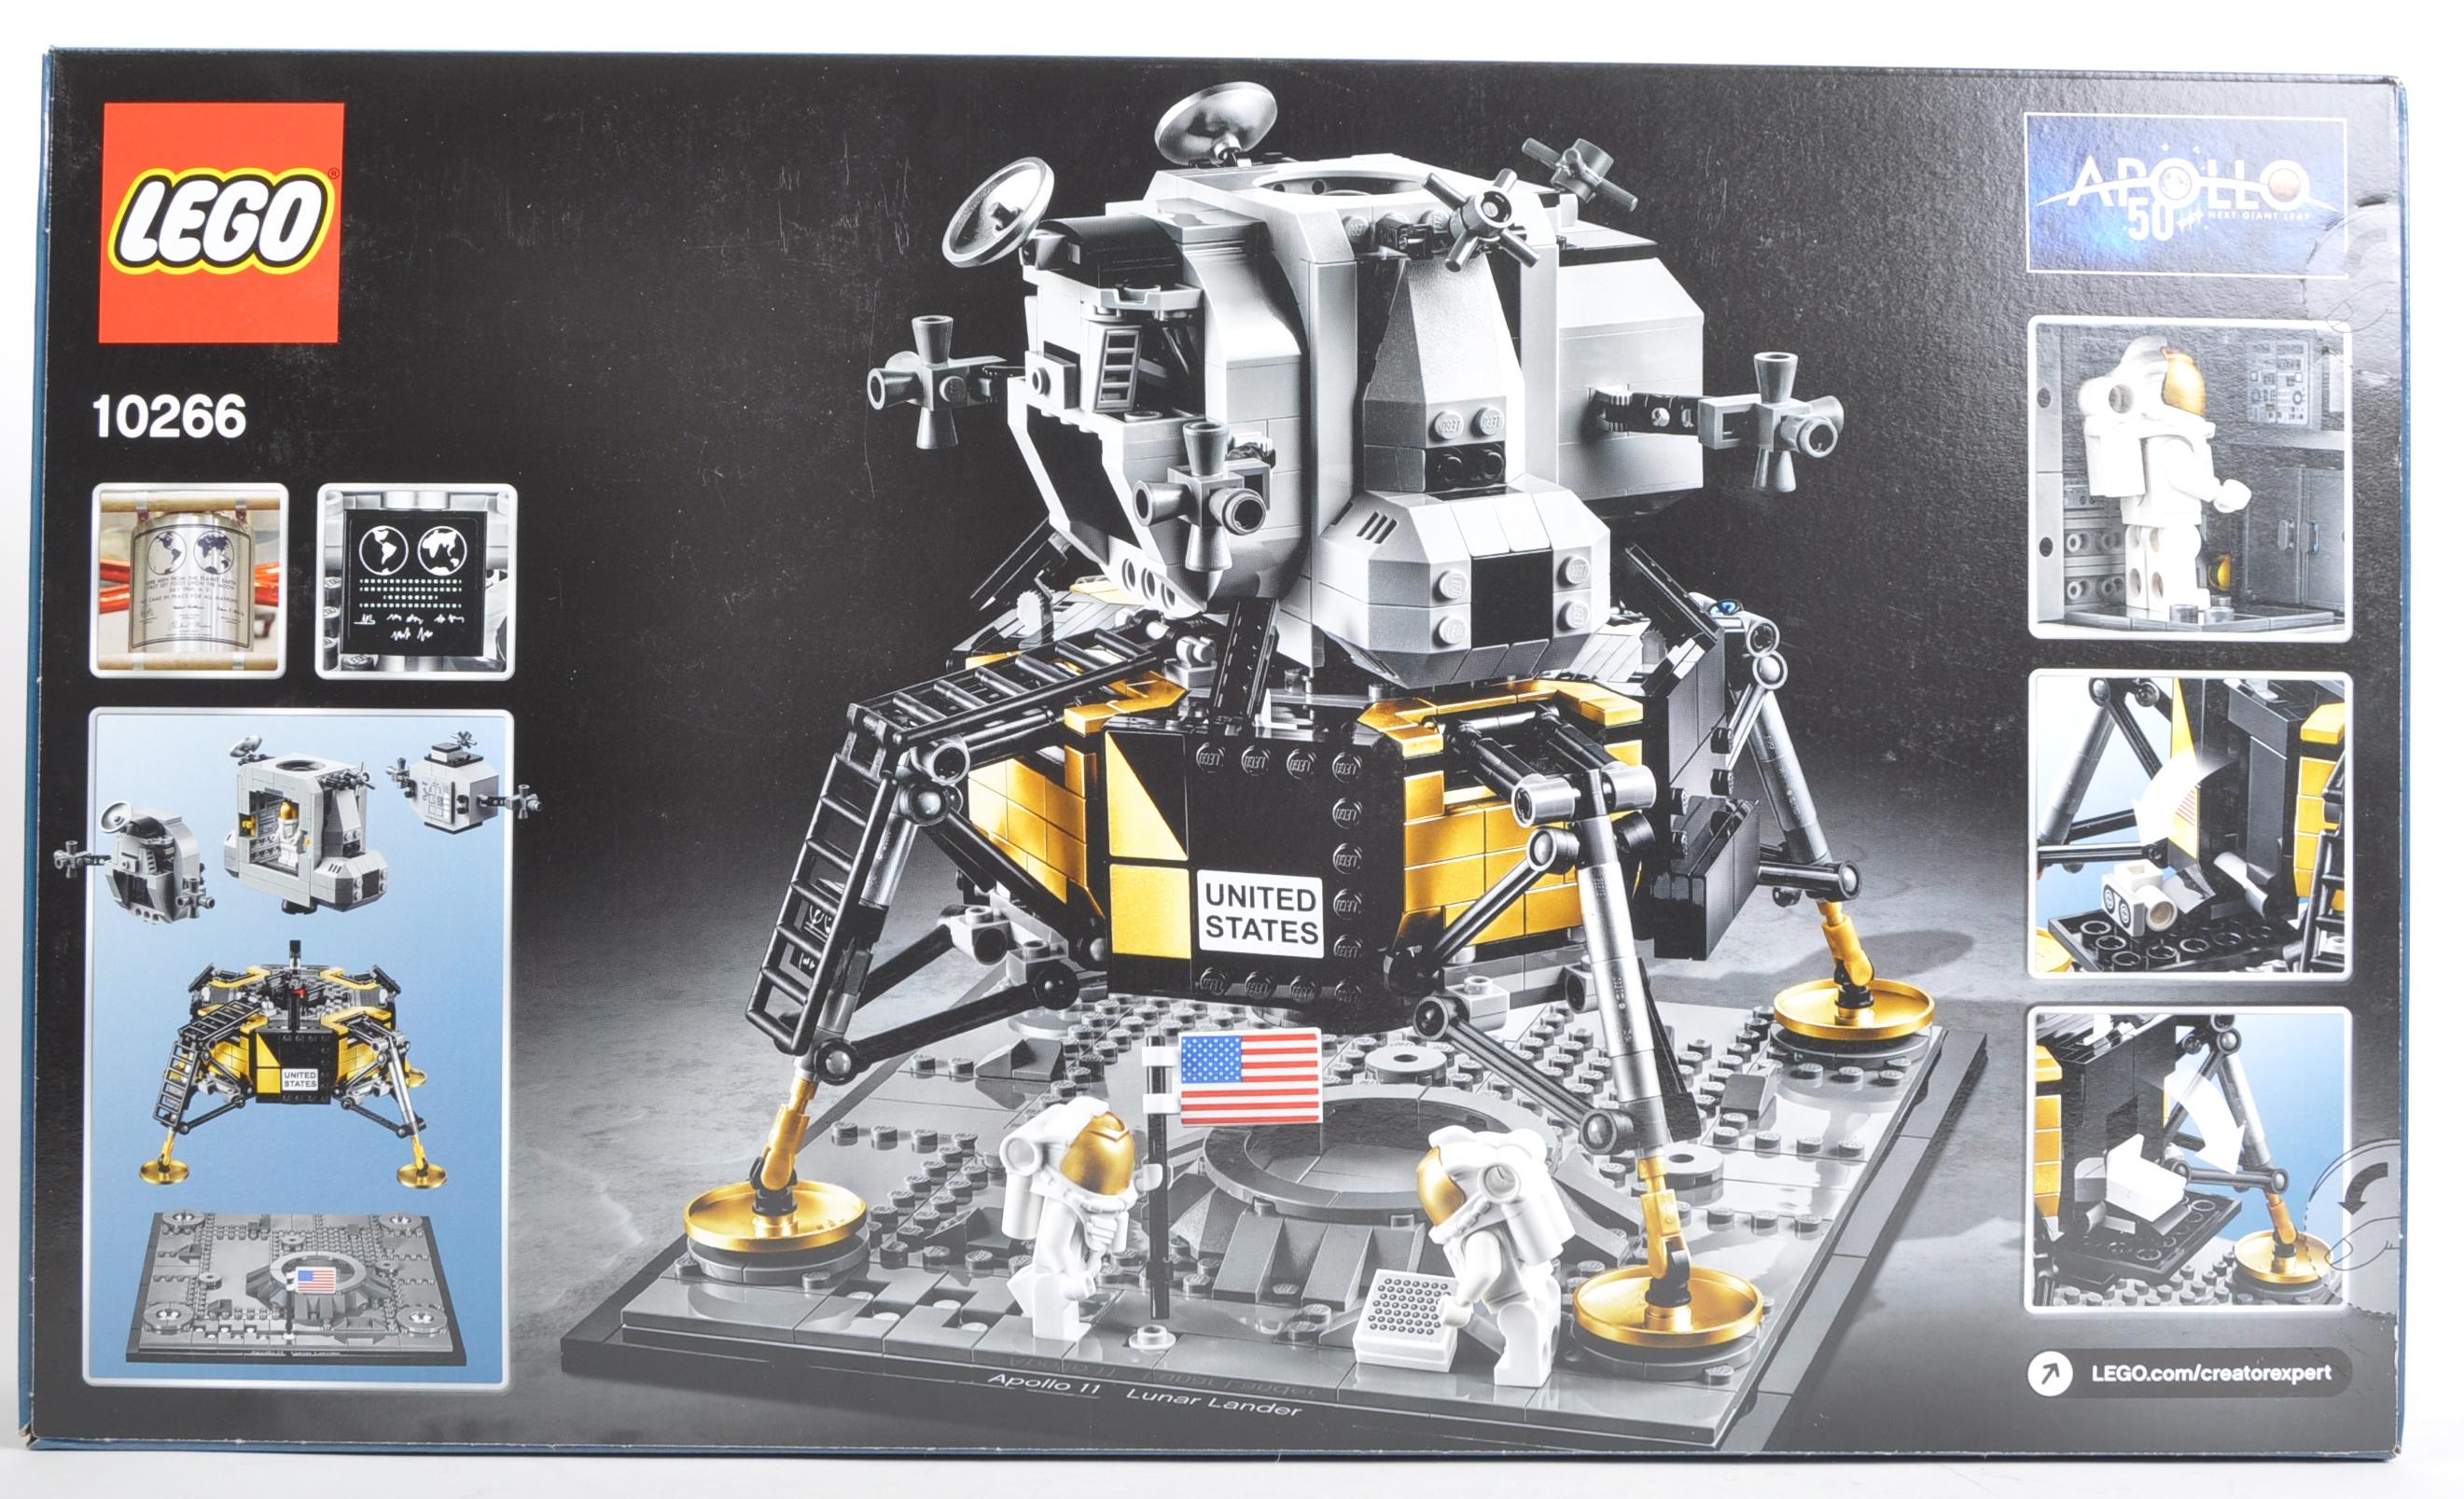 LEGO SET - LEGO CREATOR - 10266 - NASA APOLLO 11 LUNAR LANDER - Image 2 of 3